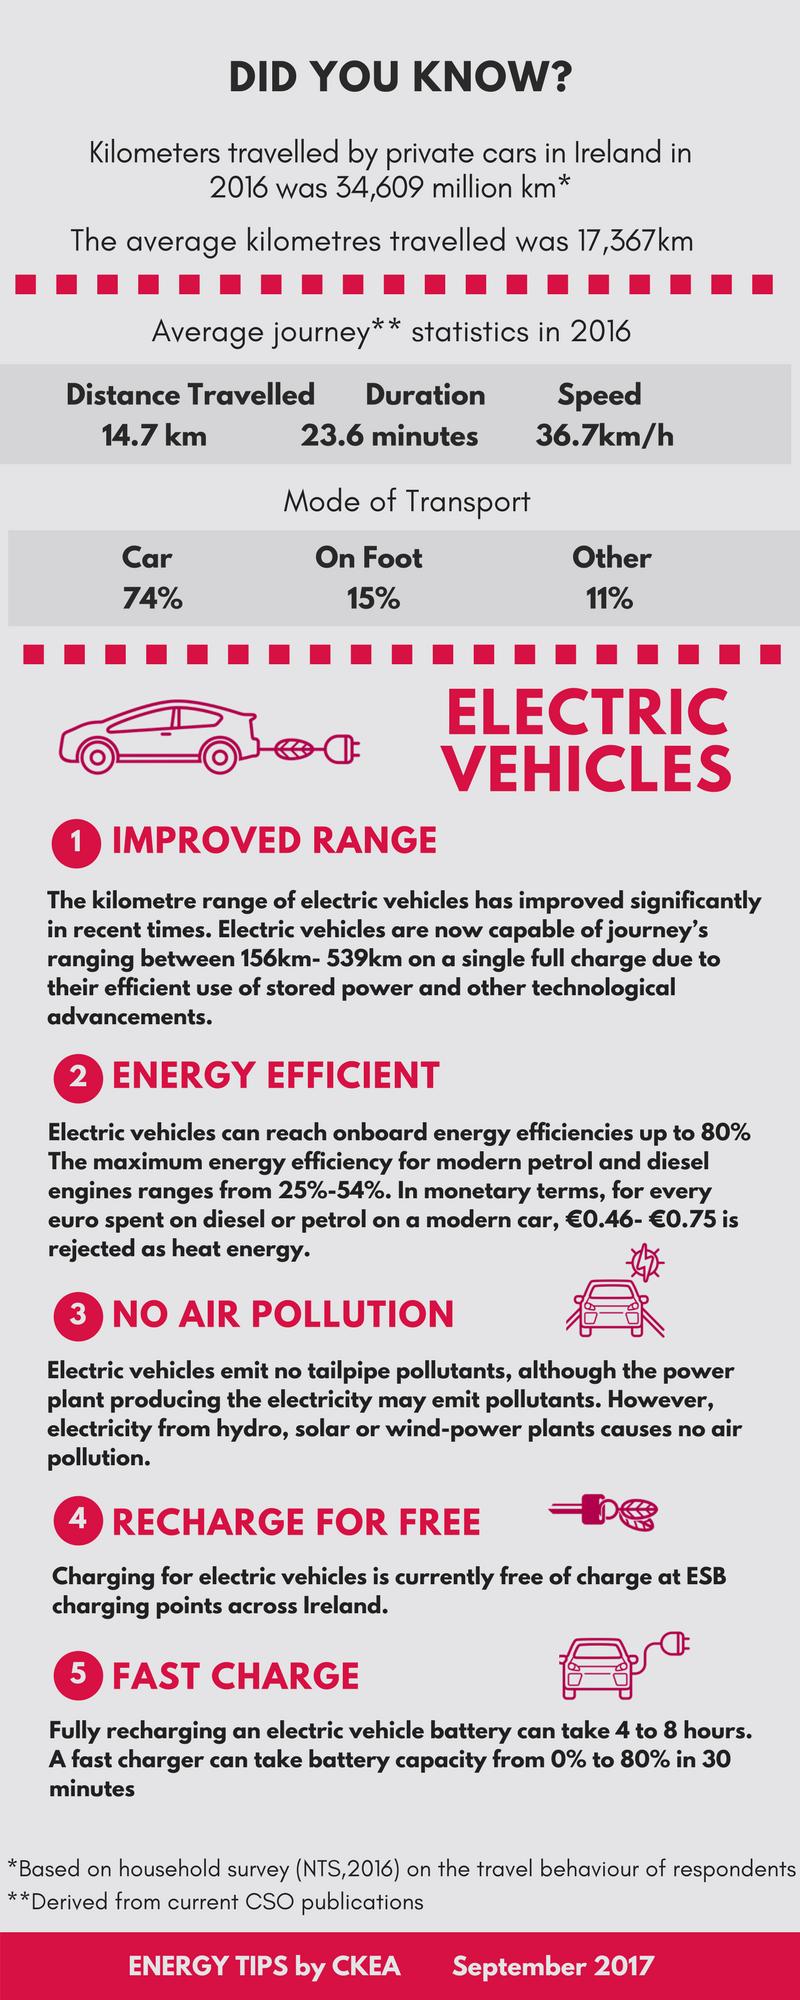 CKEA Energy Tip - September 2017